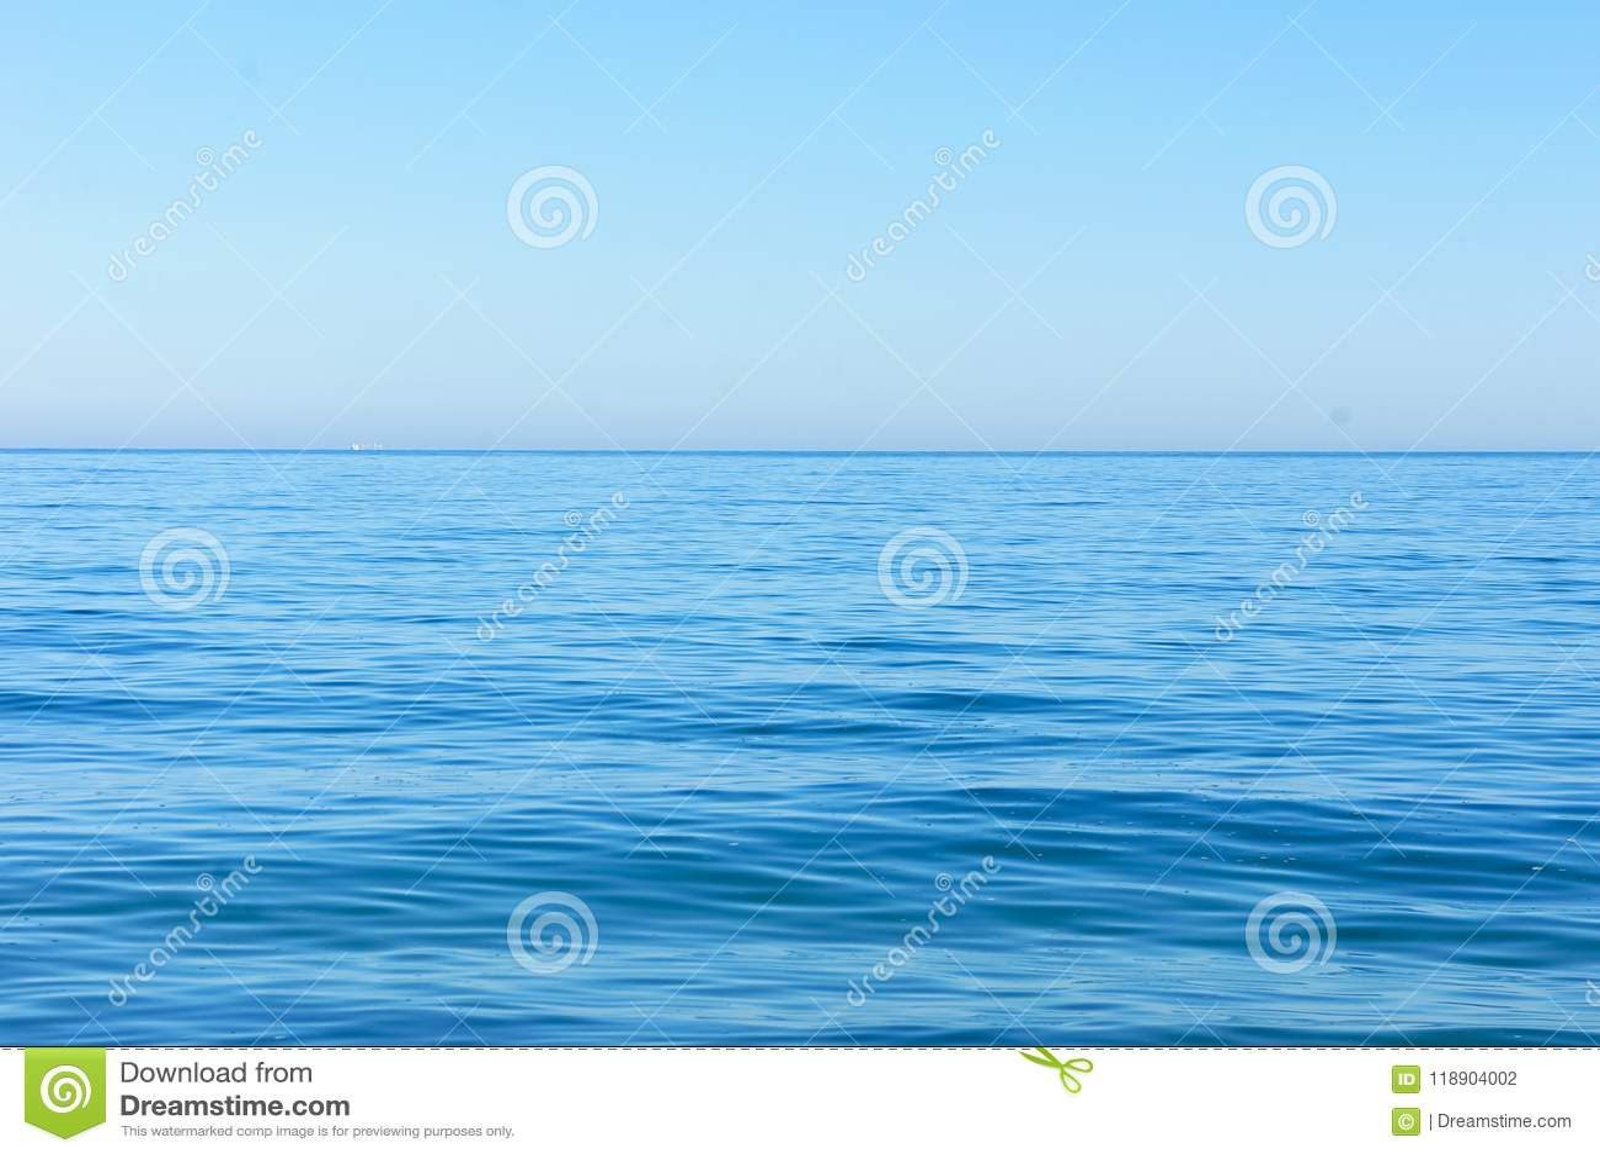 Horizon van het blauwe overzees